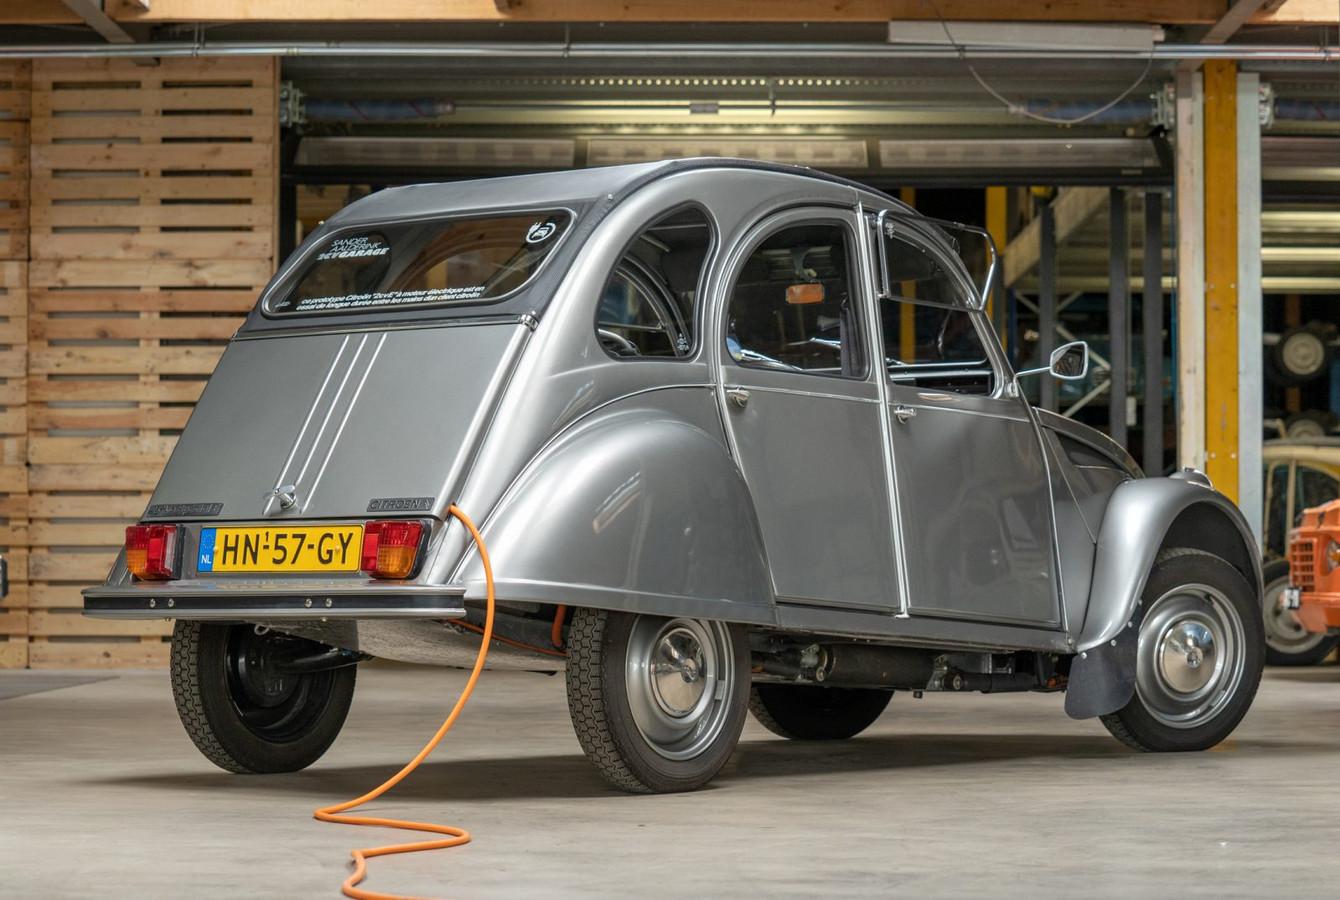 De creatieve 2CVE van Citroën-specialist Sander Aalderink is een voorbeeld van een geëlektrificeerde klassieker